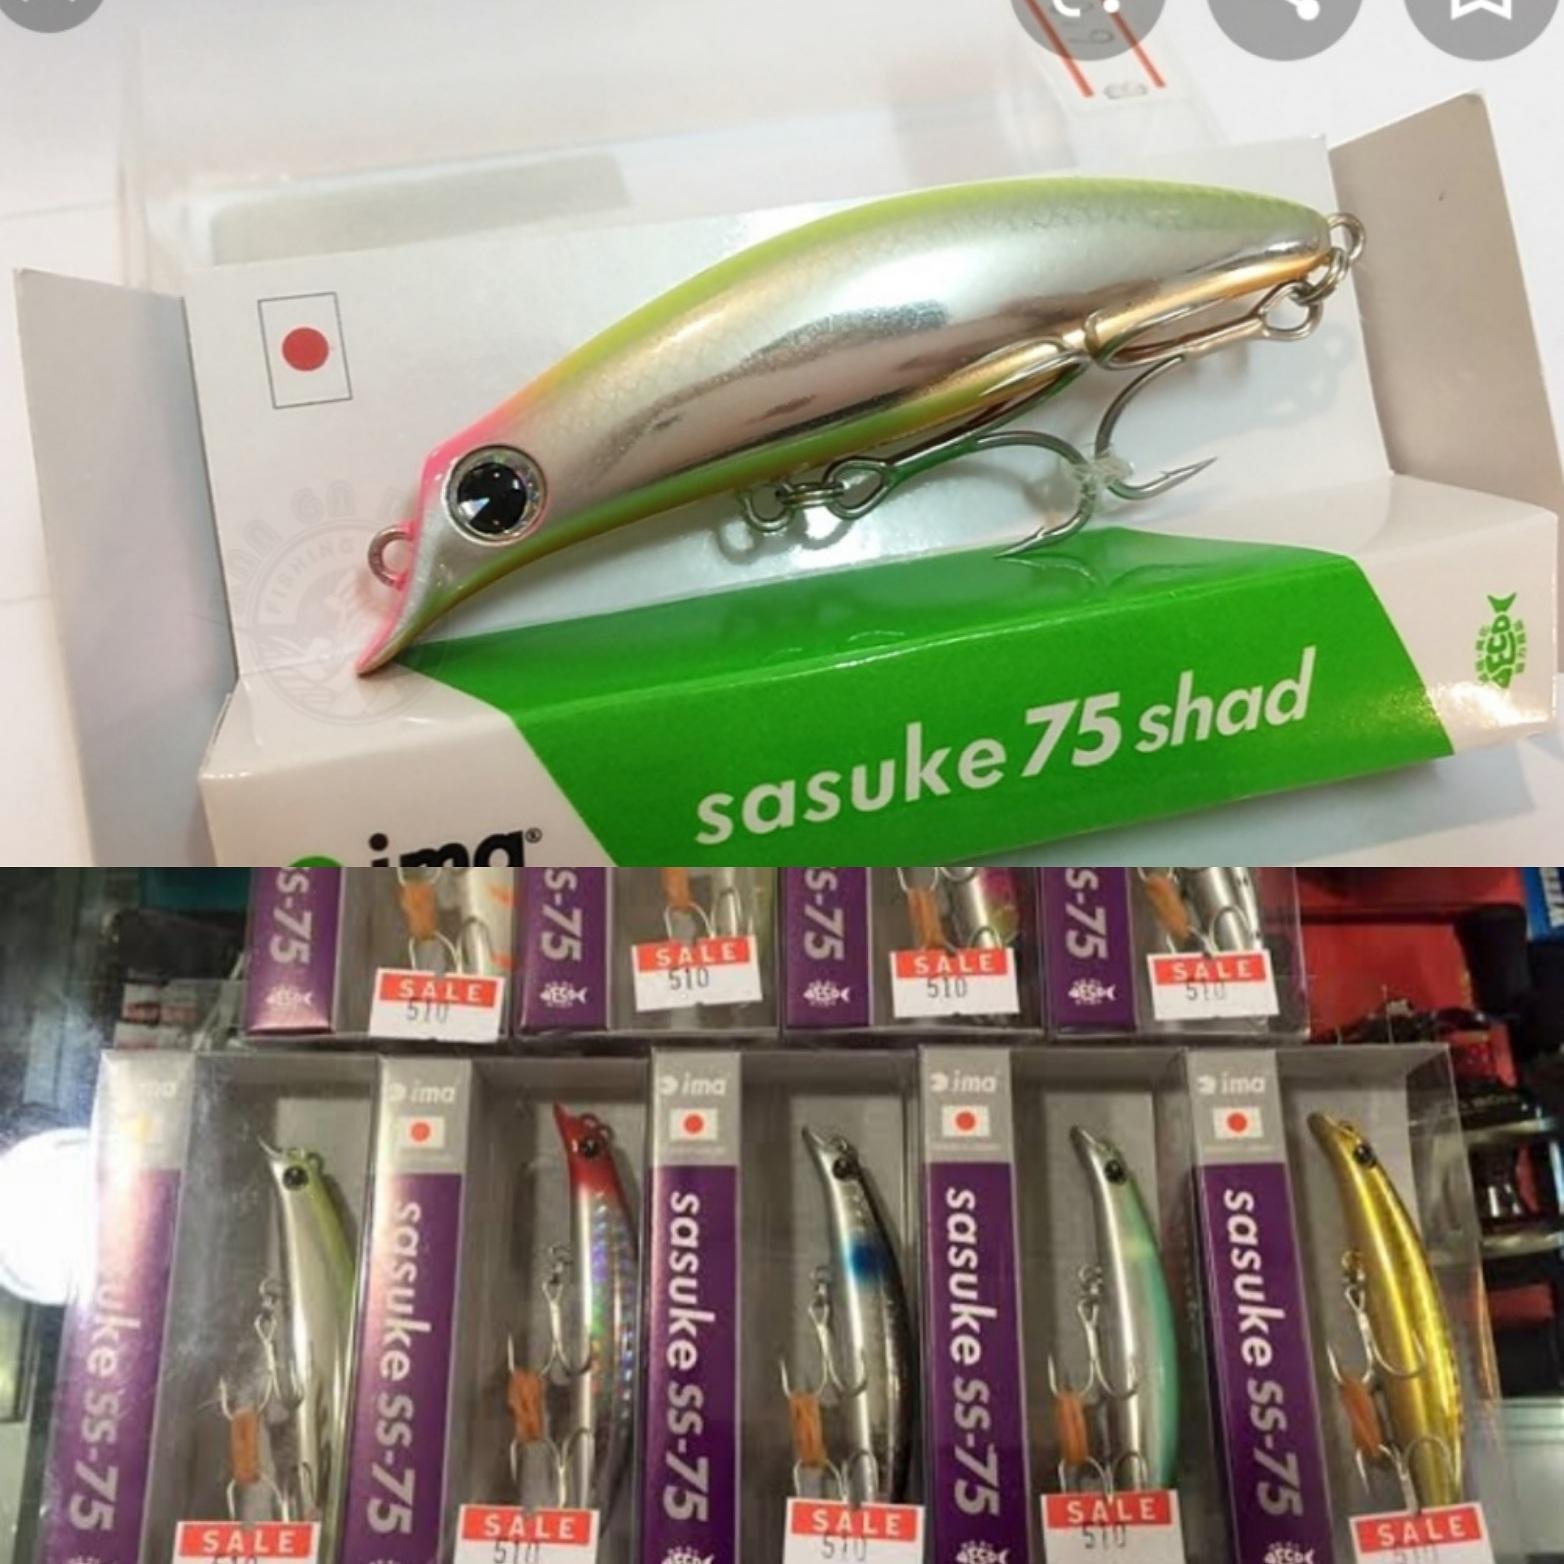 รบกวนเรื่อง เหยื่อ Sasuke 75Shad กับ SS-75